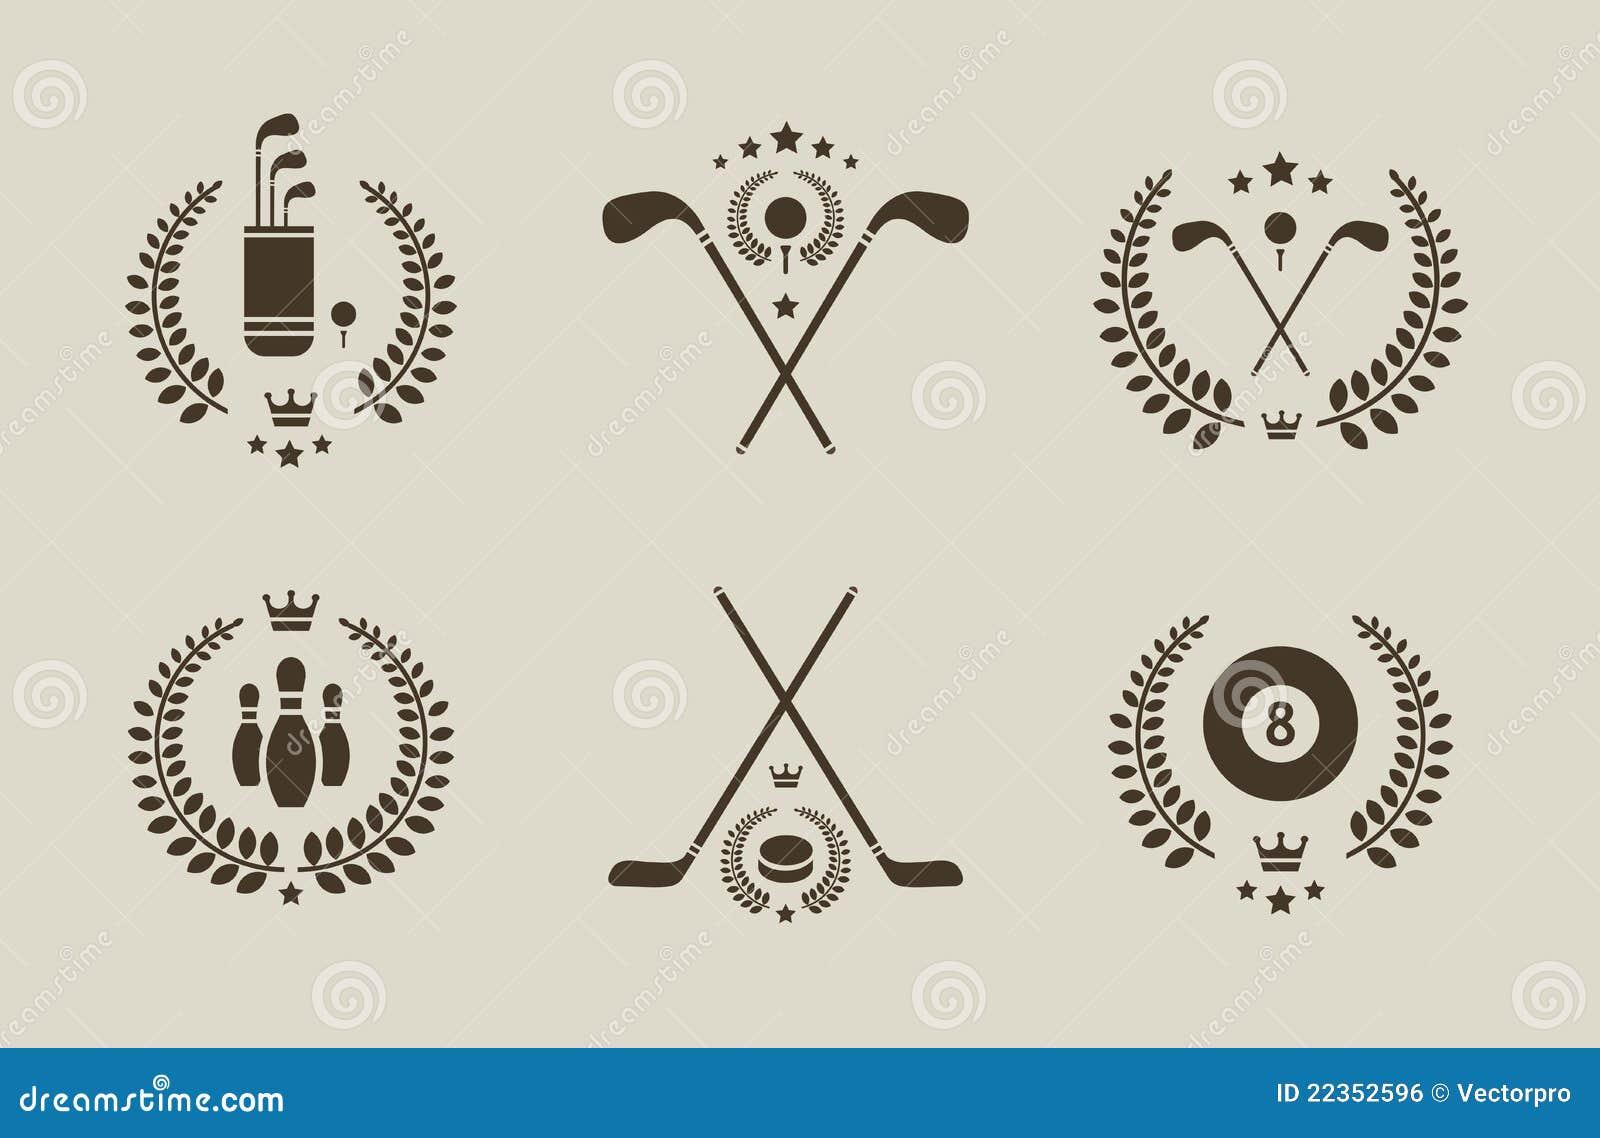 象征体育运动